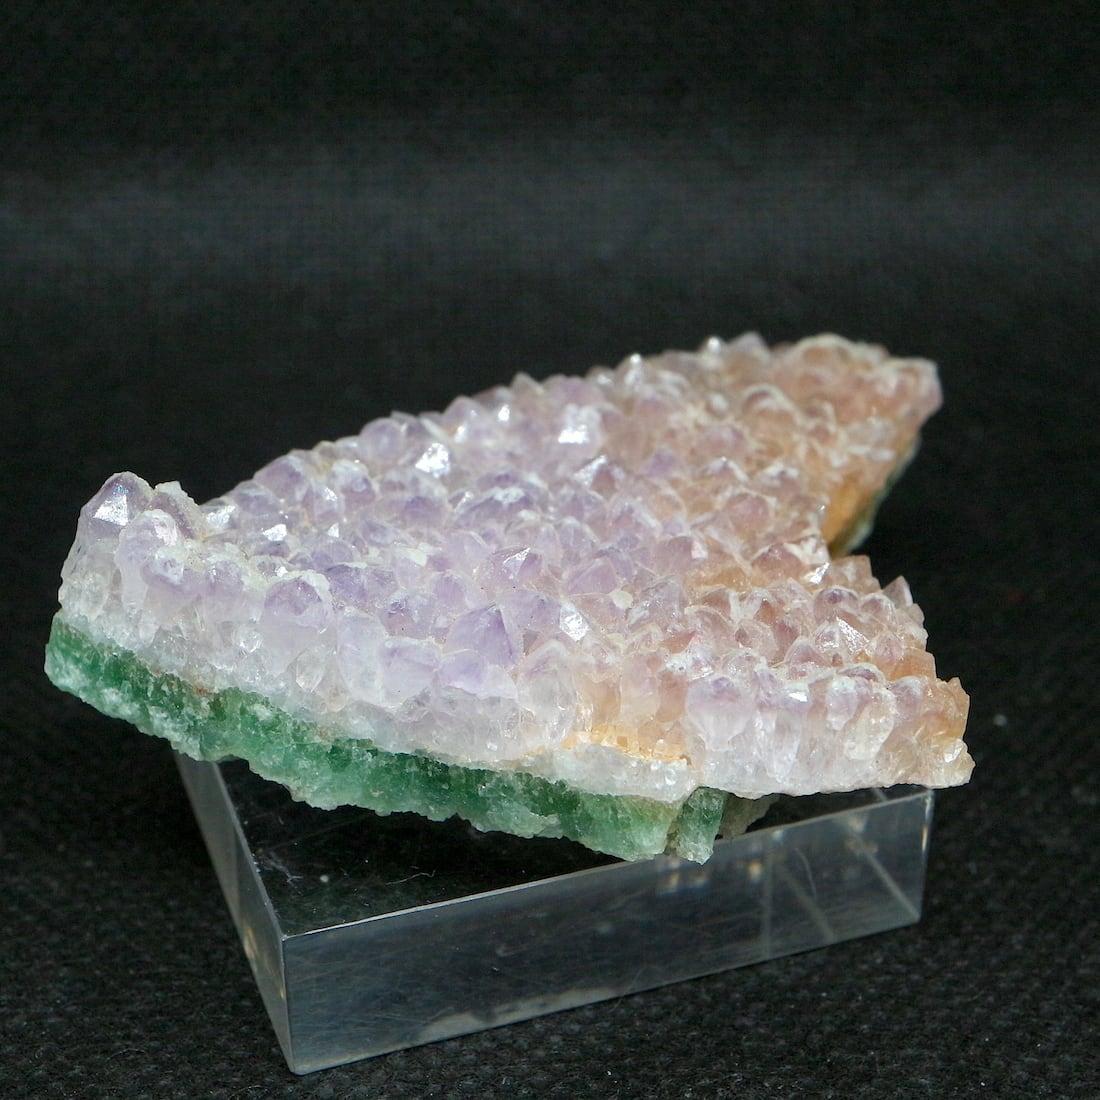 蛍石 フローライト アメジスト  コロラド州産 原石 48,8g FL164 鉱物 天然石 パワーストーン